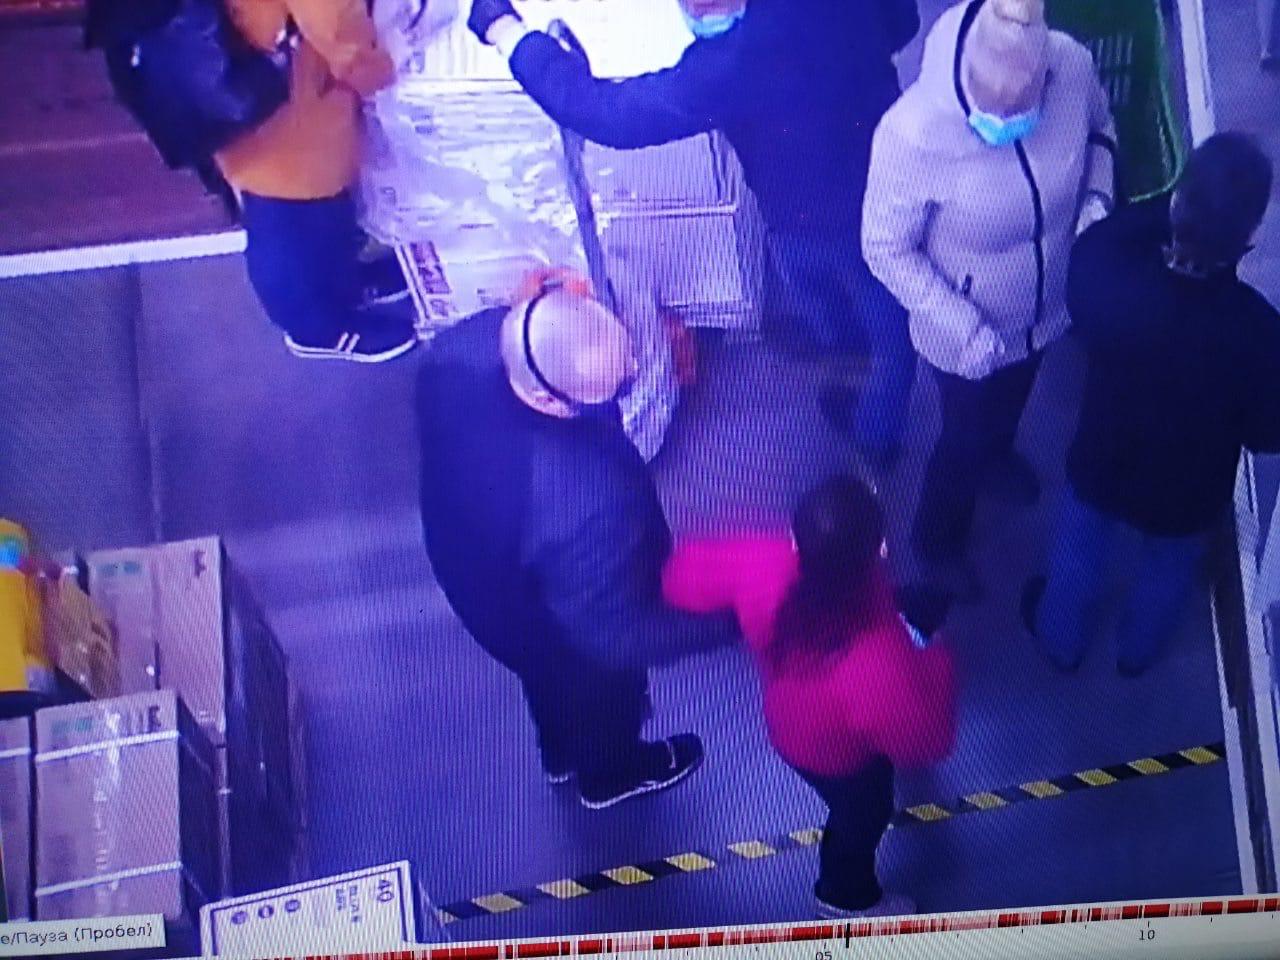 В ярославском магазине покупатель напал на женщину за то, что она опустила маску